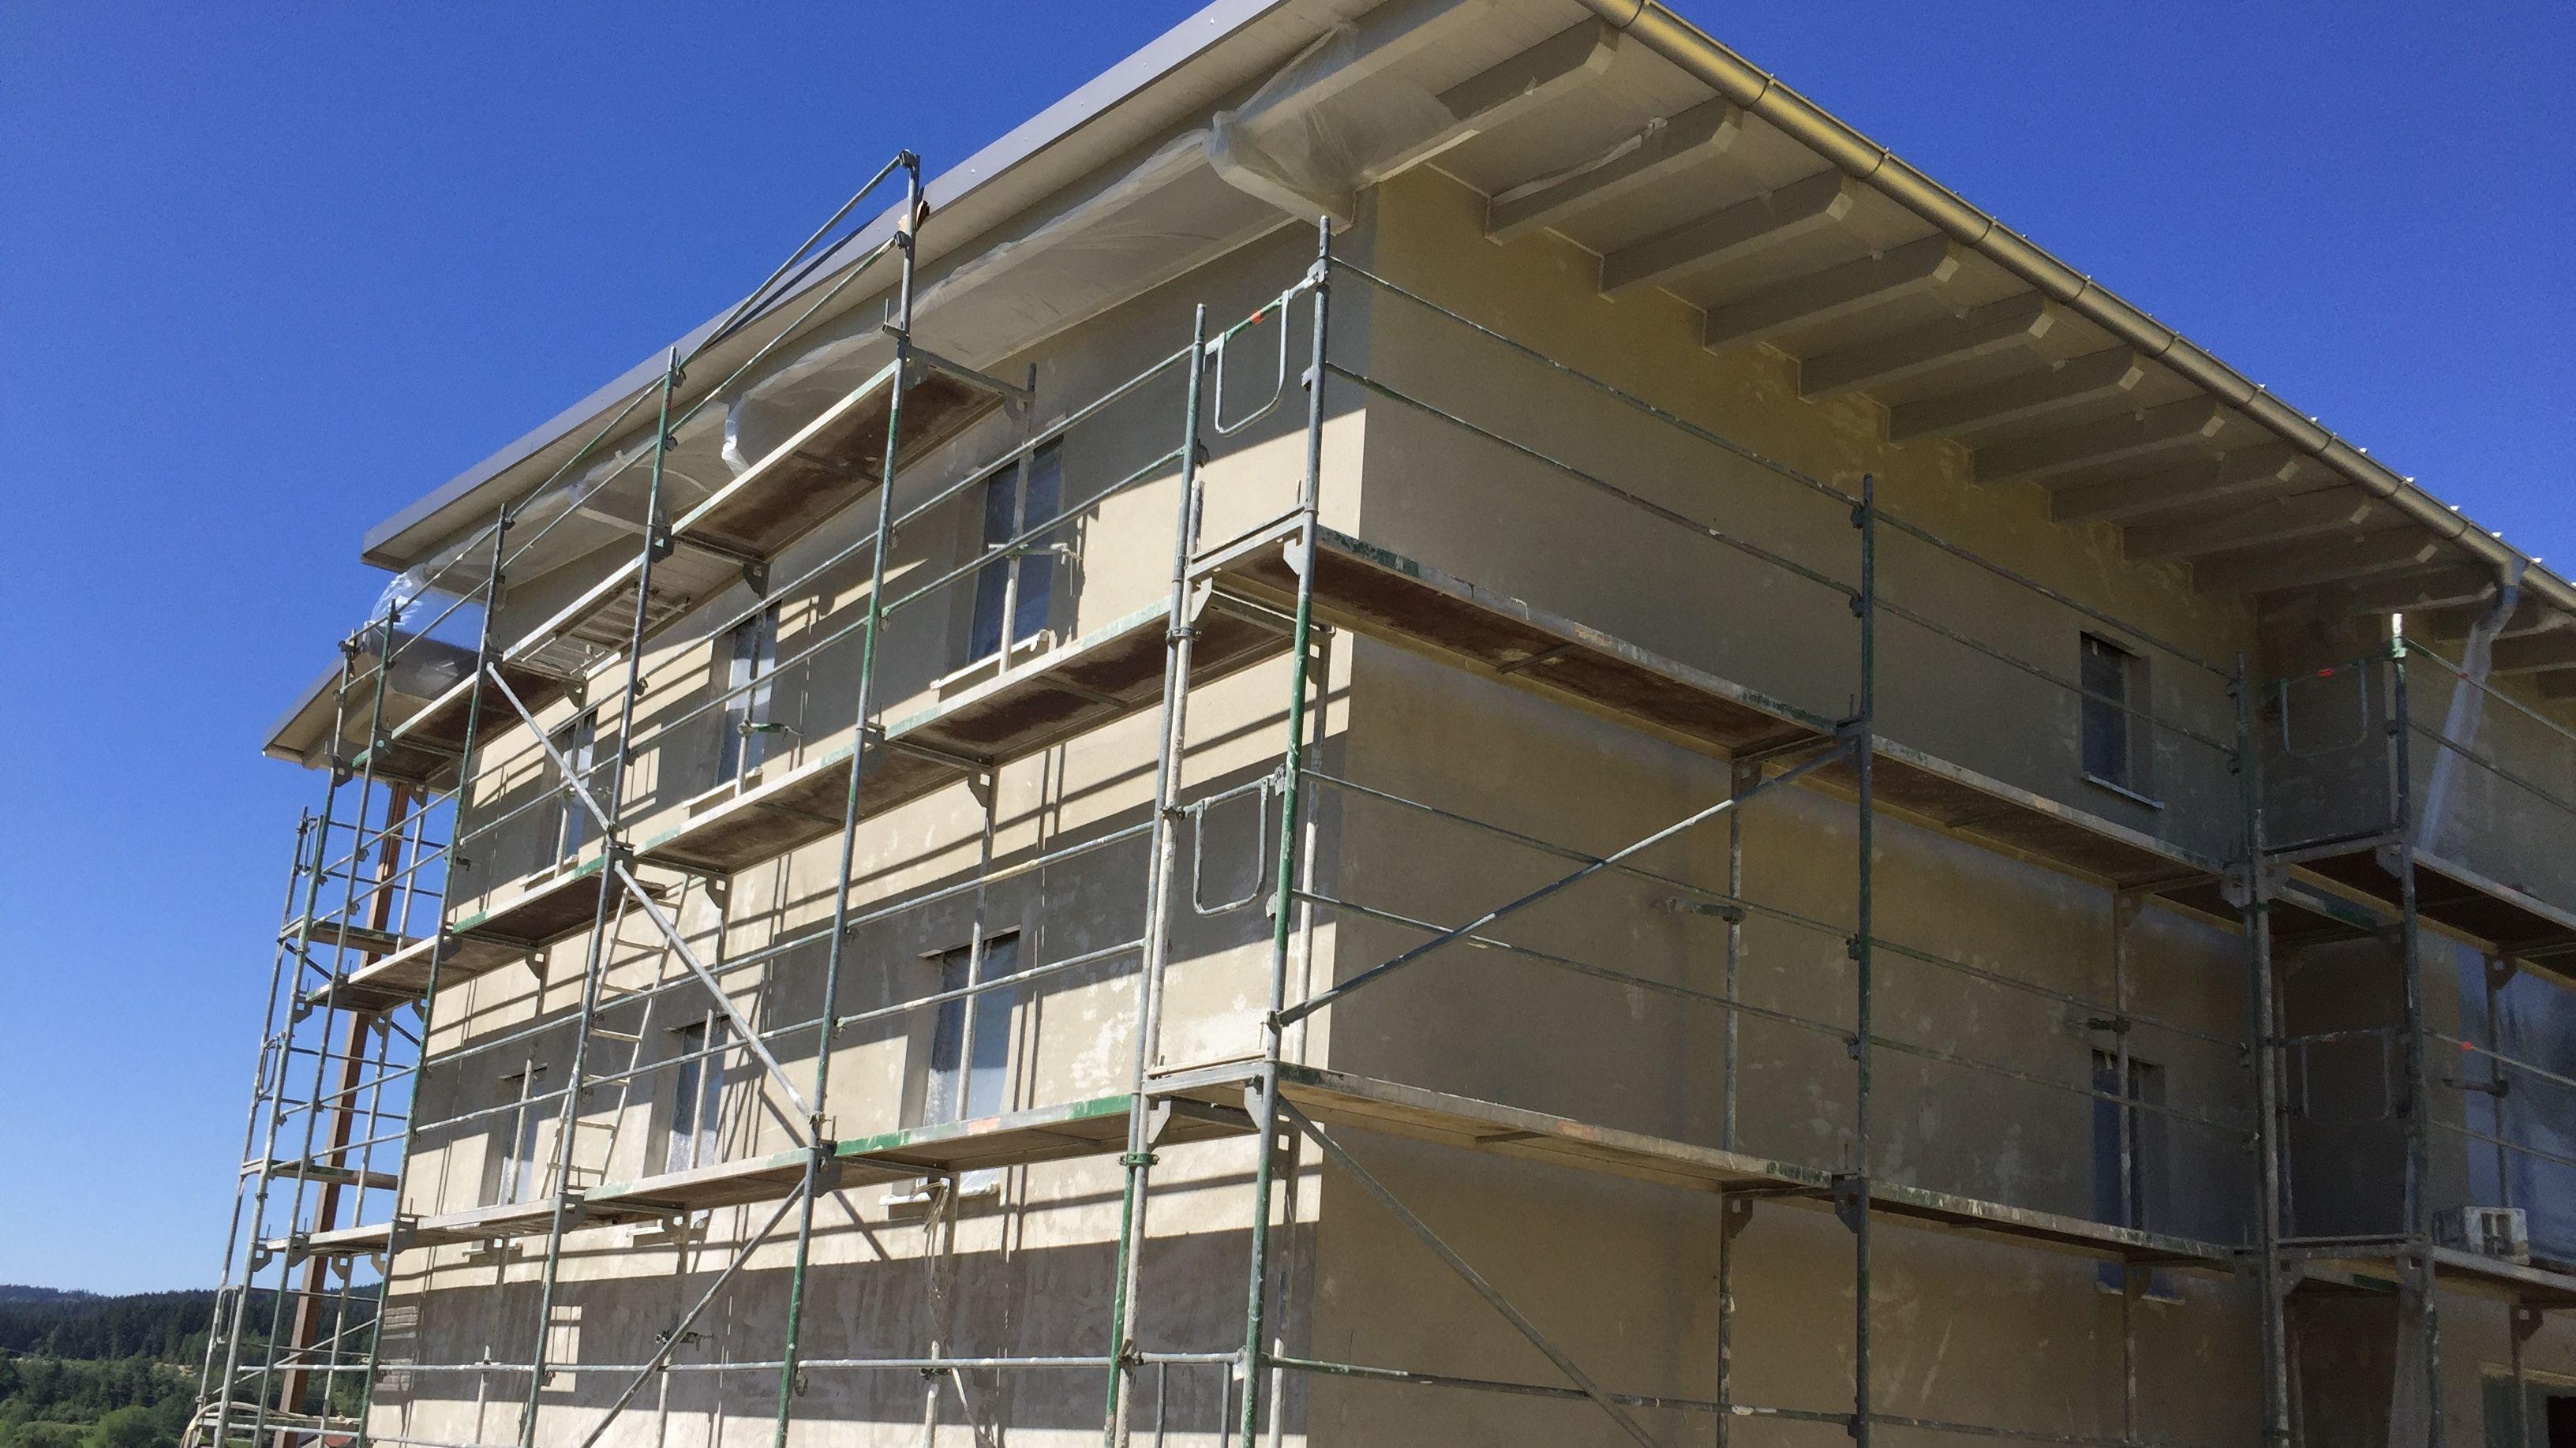 In dieses neue 6-Familien-Mietshaus zieht Familie Englmeier ein. Es war schon im Rohhbau komplett vermietet